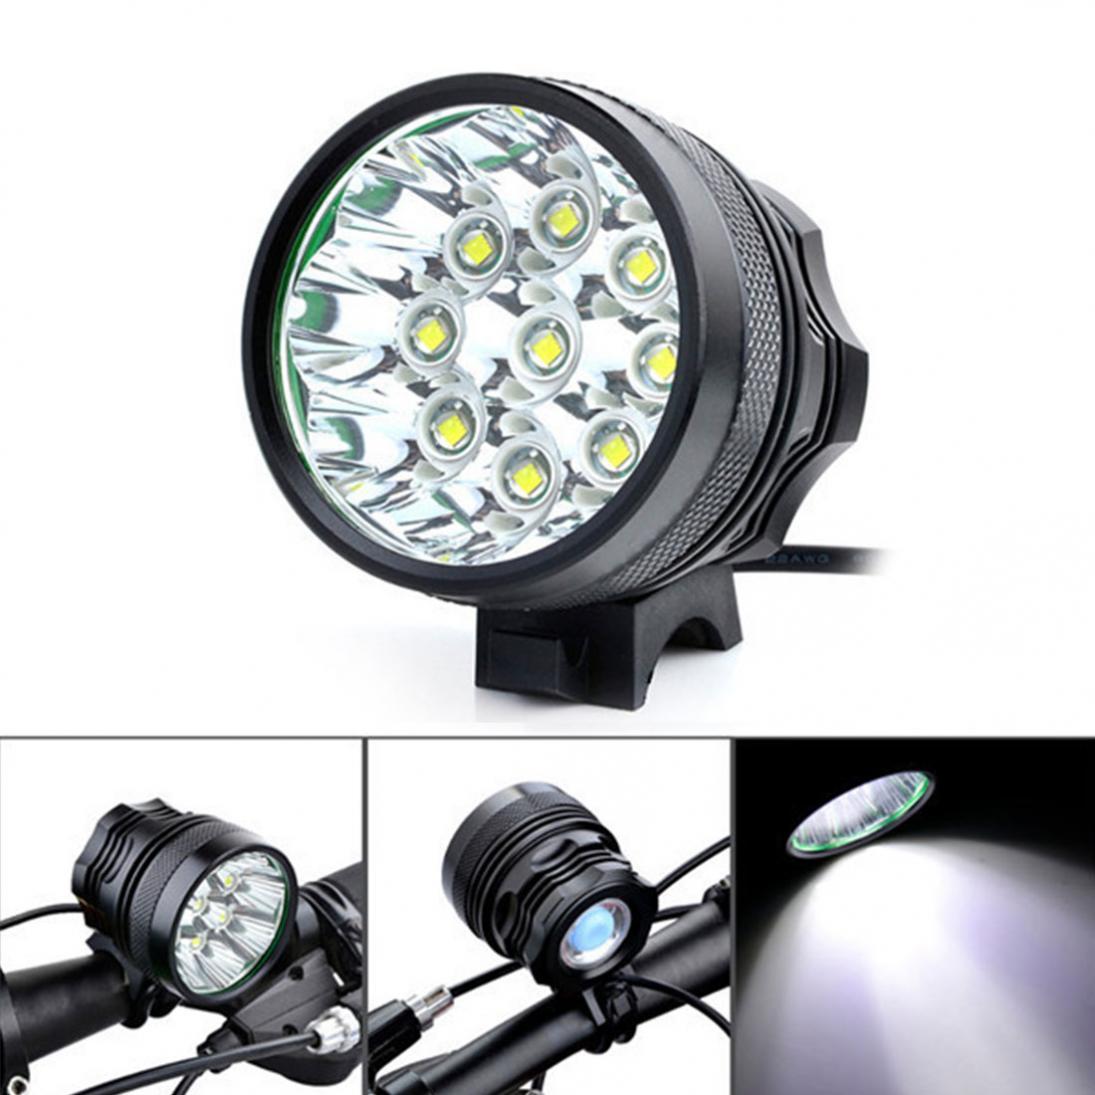 Բարձրորակ 15000Lm 9 x XM-L T6 LED Camping - Հեծանվավազք - Լուսանկար 1